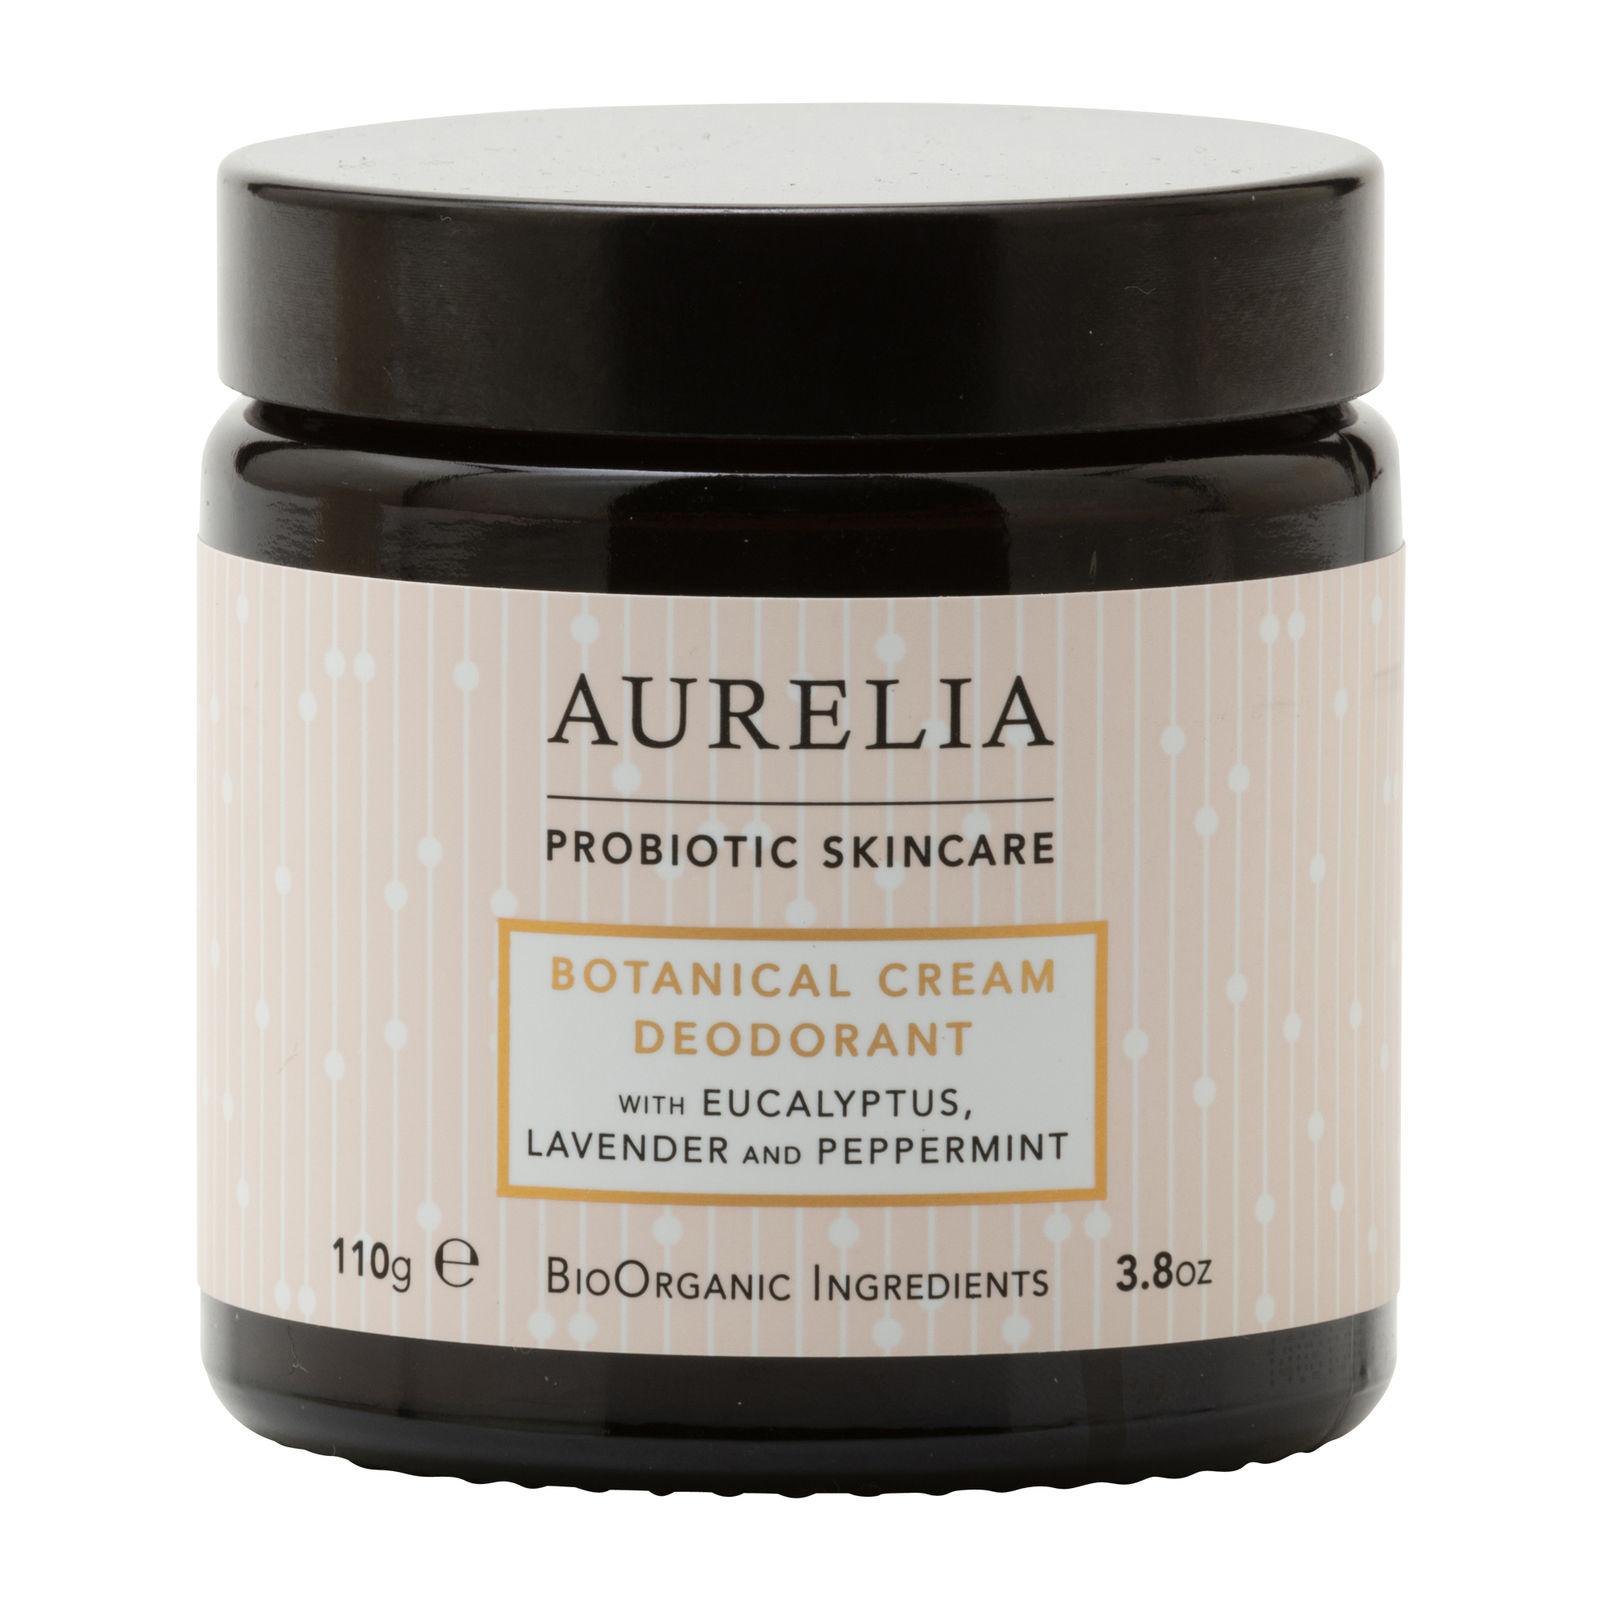 Aurelia Botanical Cream Deodorant, 110 g